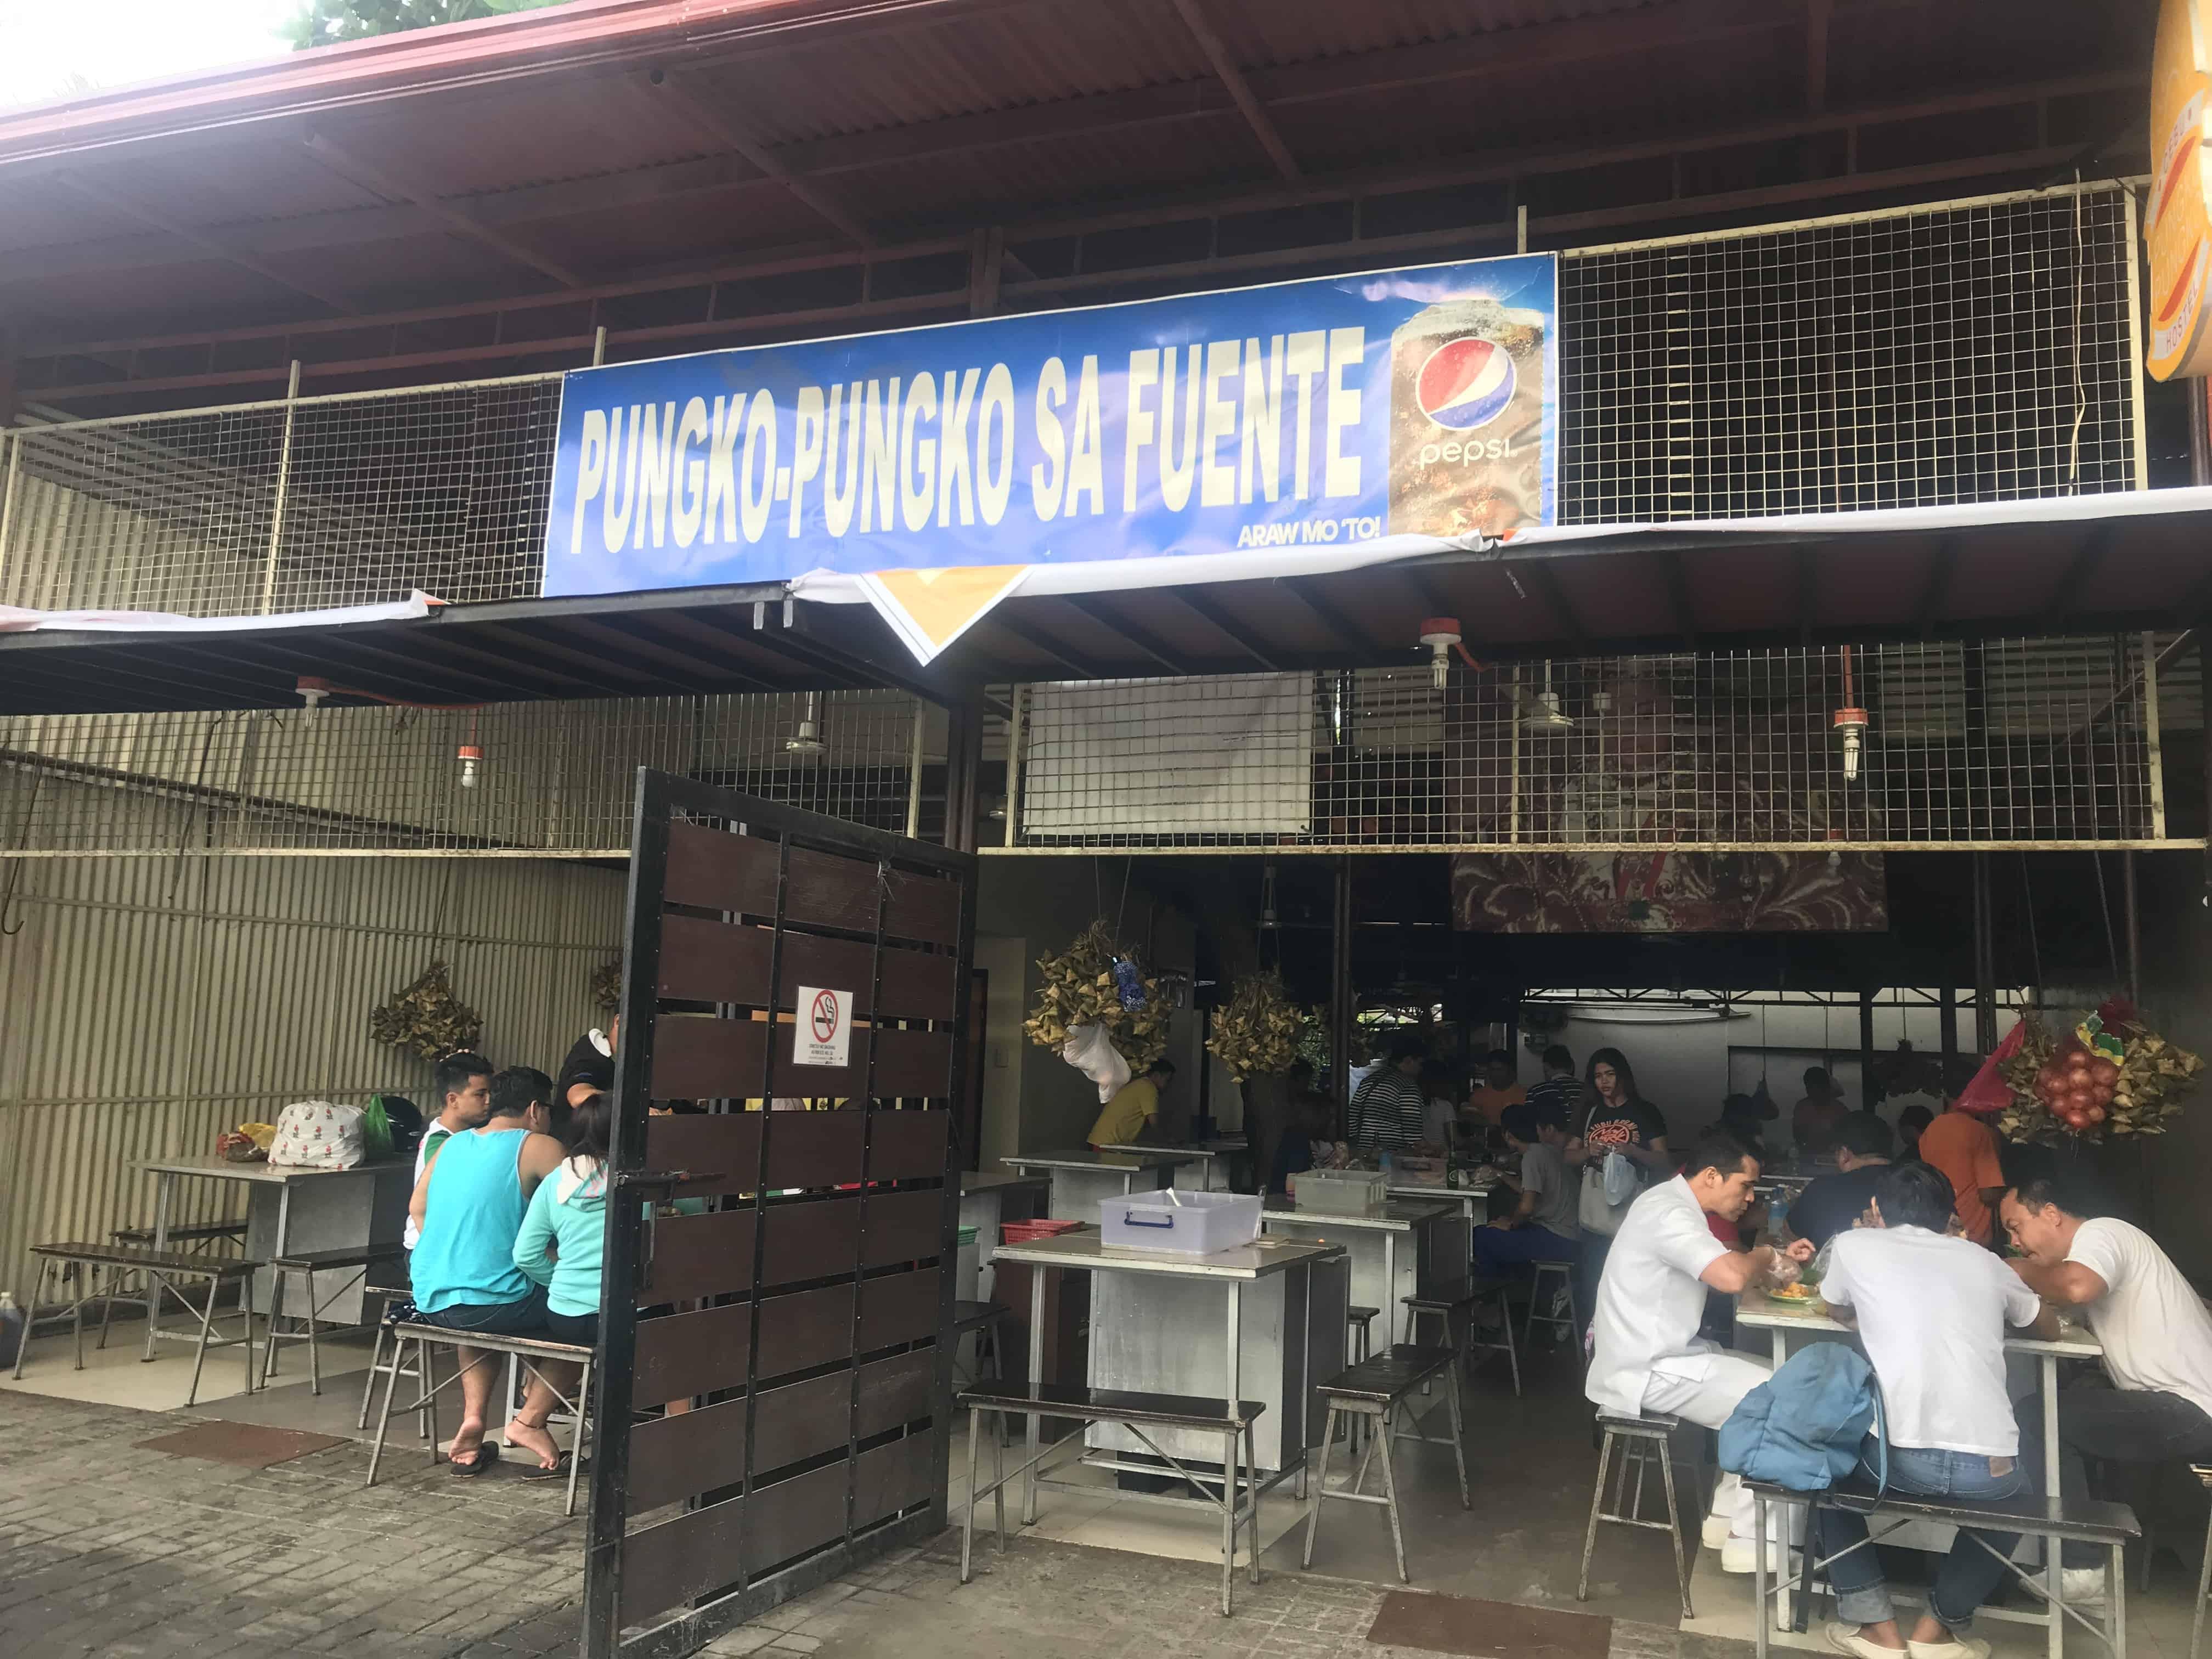 Pungko Pungko sa Fuente Cebu (2)